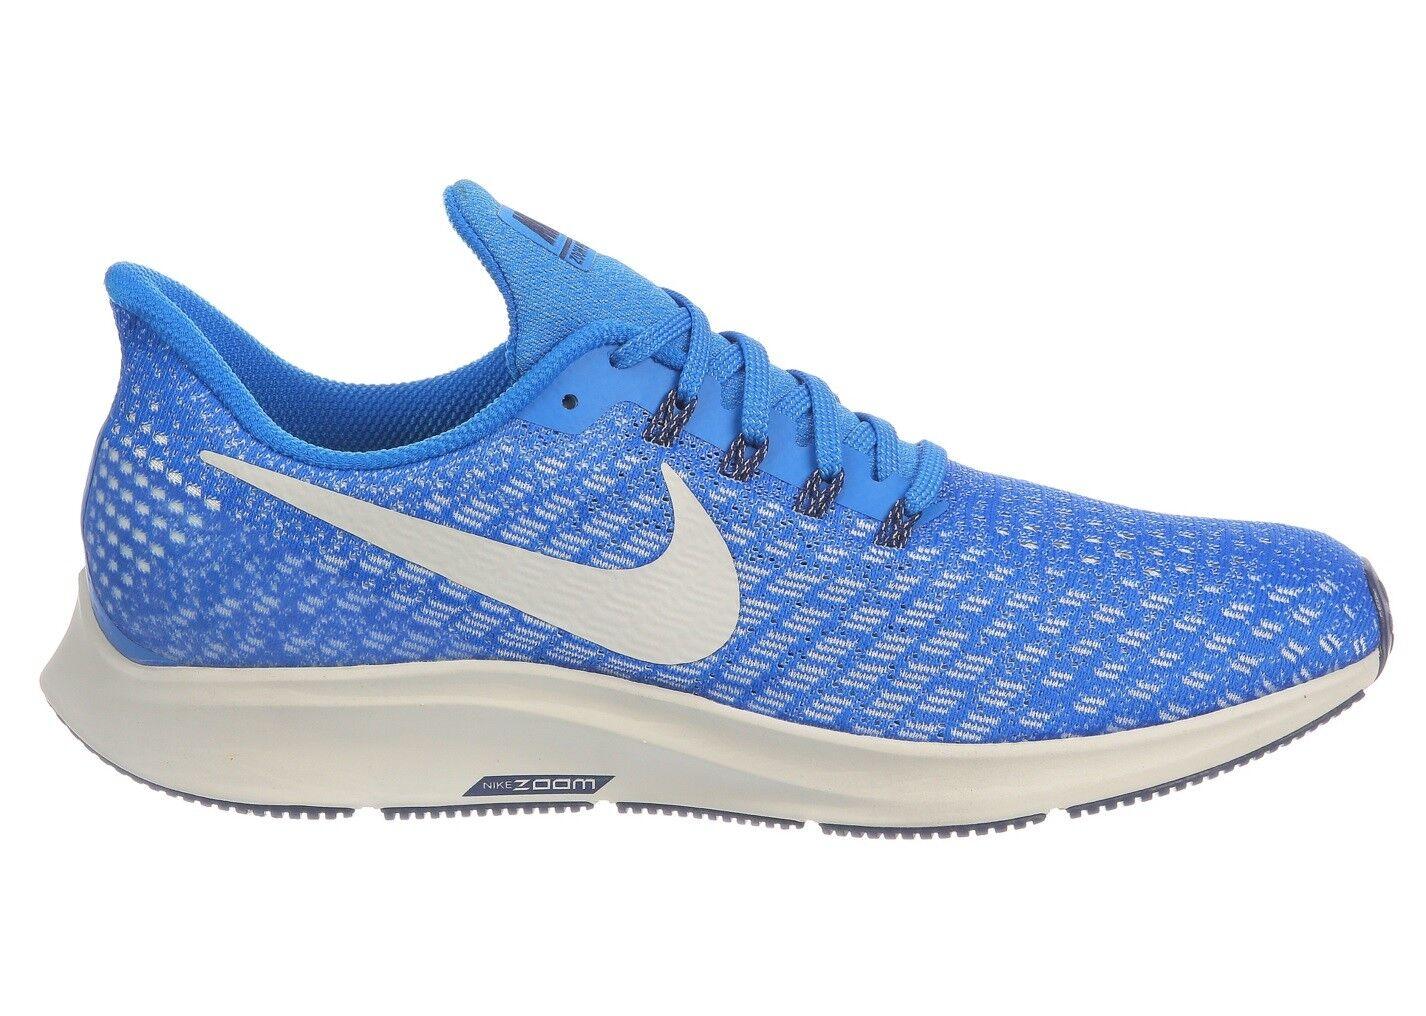 Nike Air Blaze Zoom Pegasus 35 Uomo 942851-402 Cobalt Blaze Air Running Shoes Size 10 7366cd